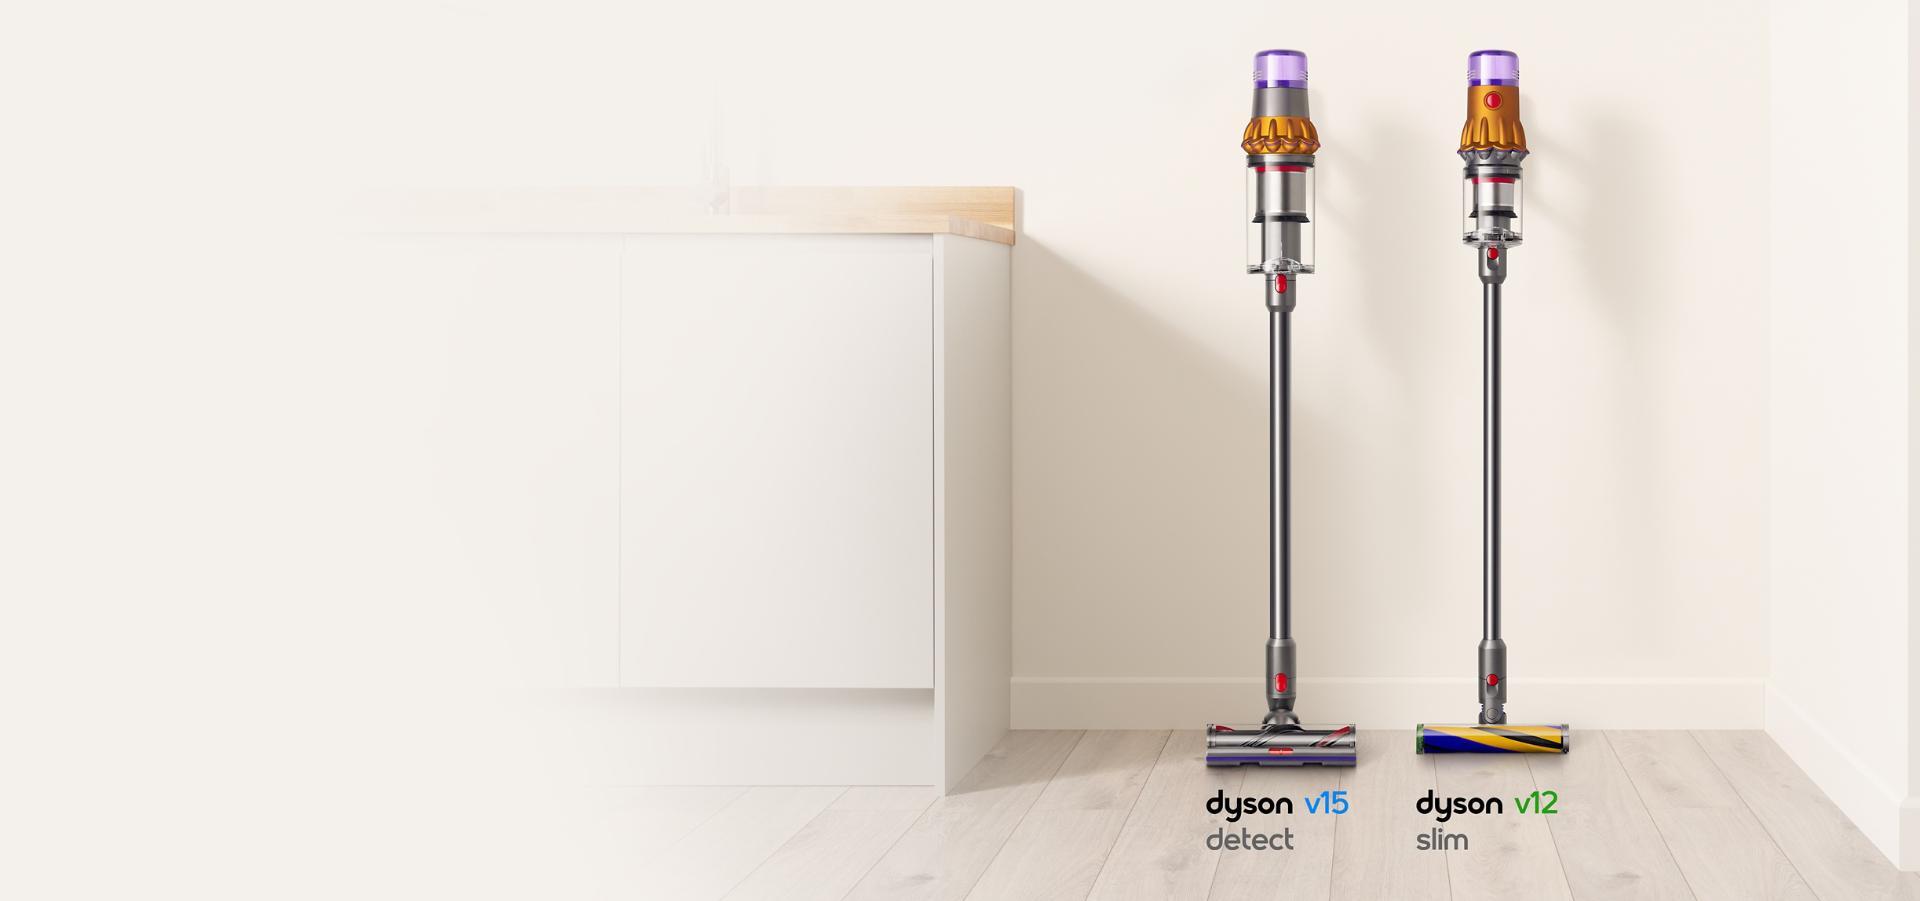 odkurzacz Dyson V15 Detect i Dyson V12 Slim wiszące na ścianie